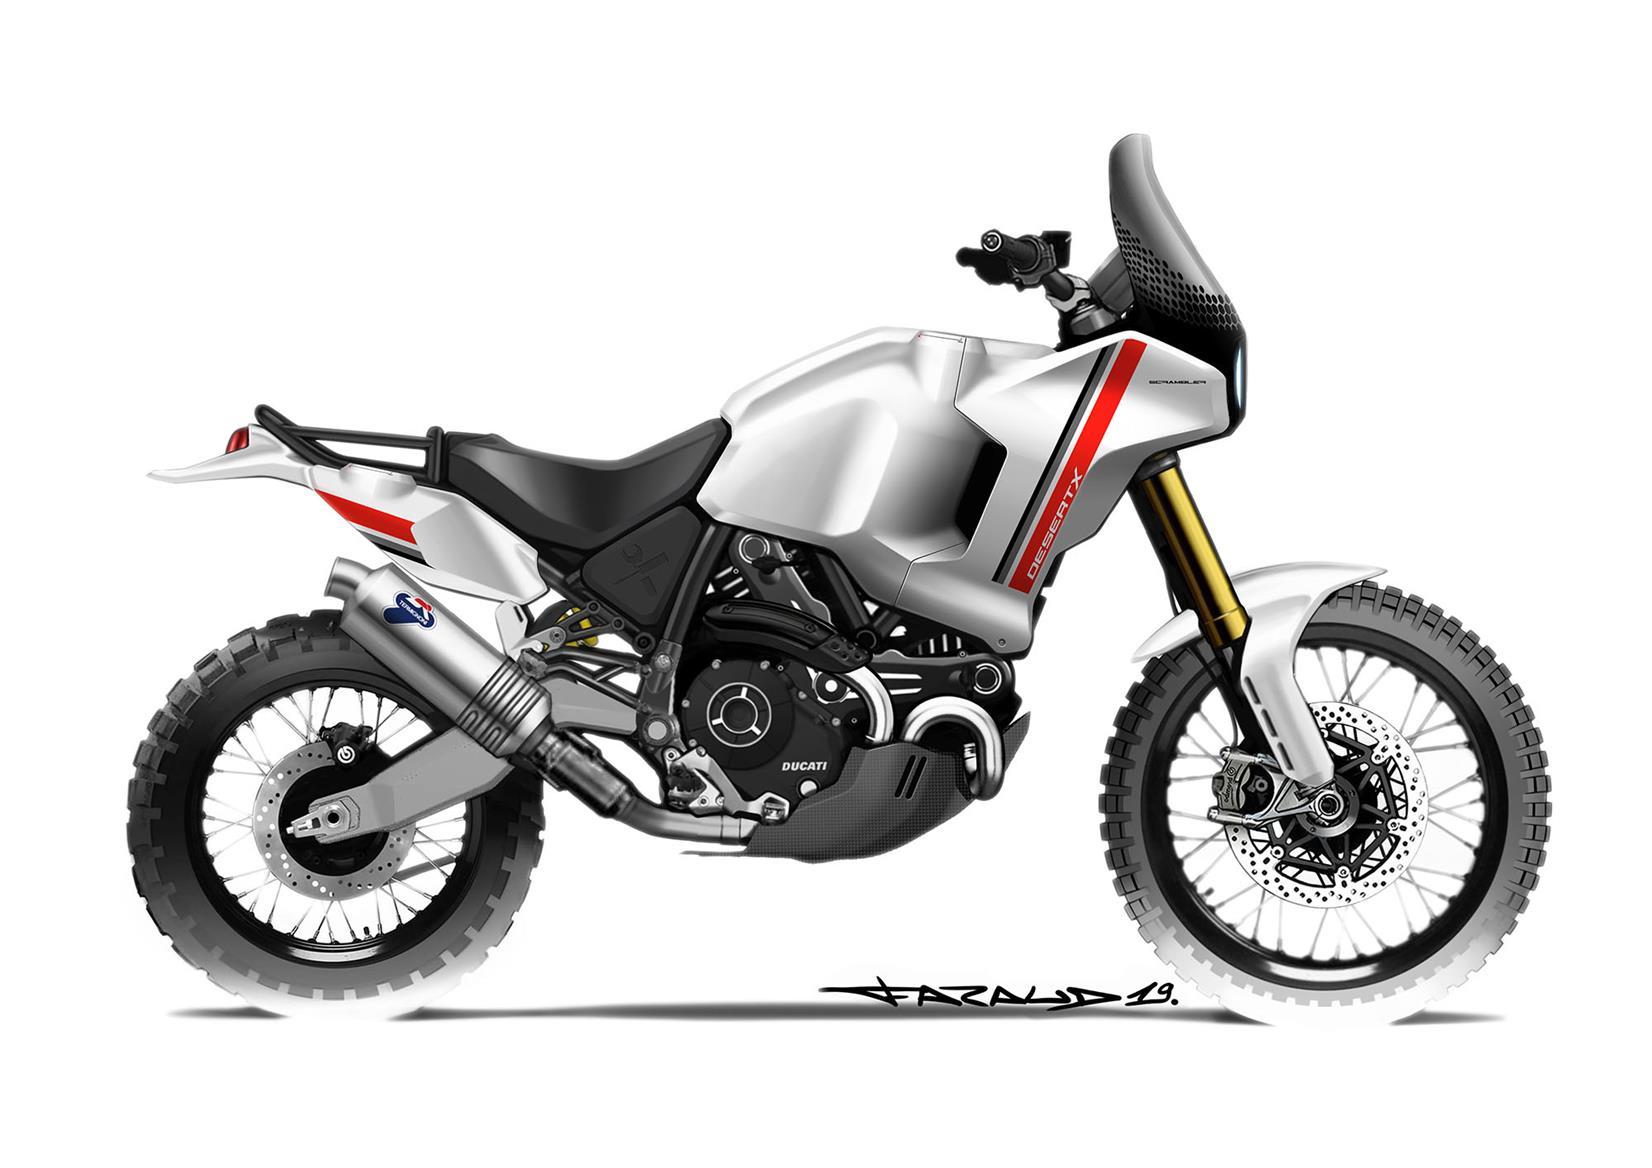 The Ducati Desert X retro concept